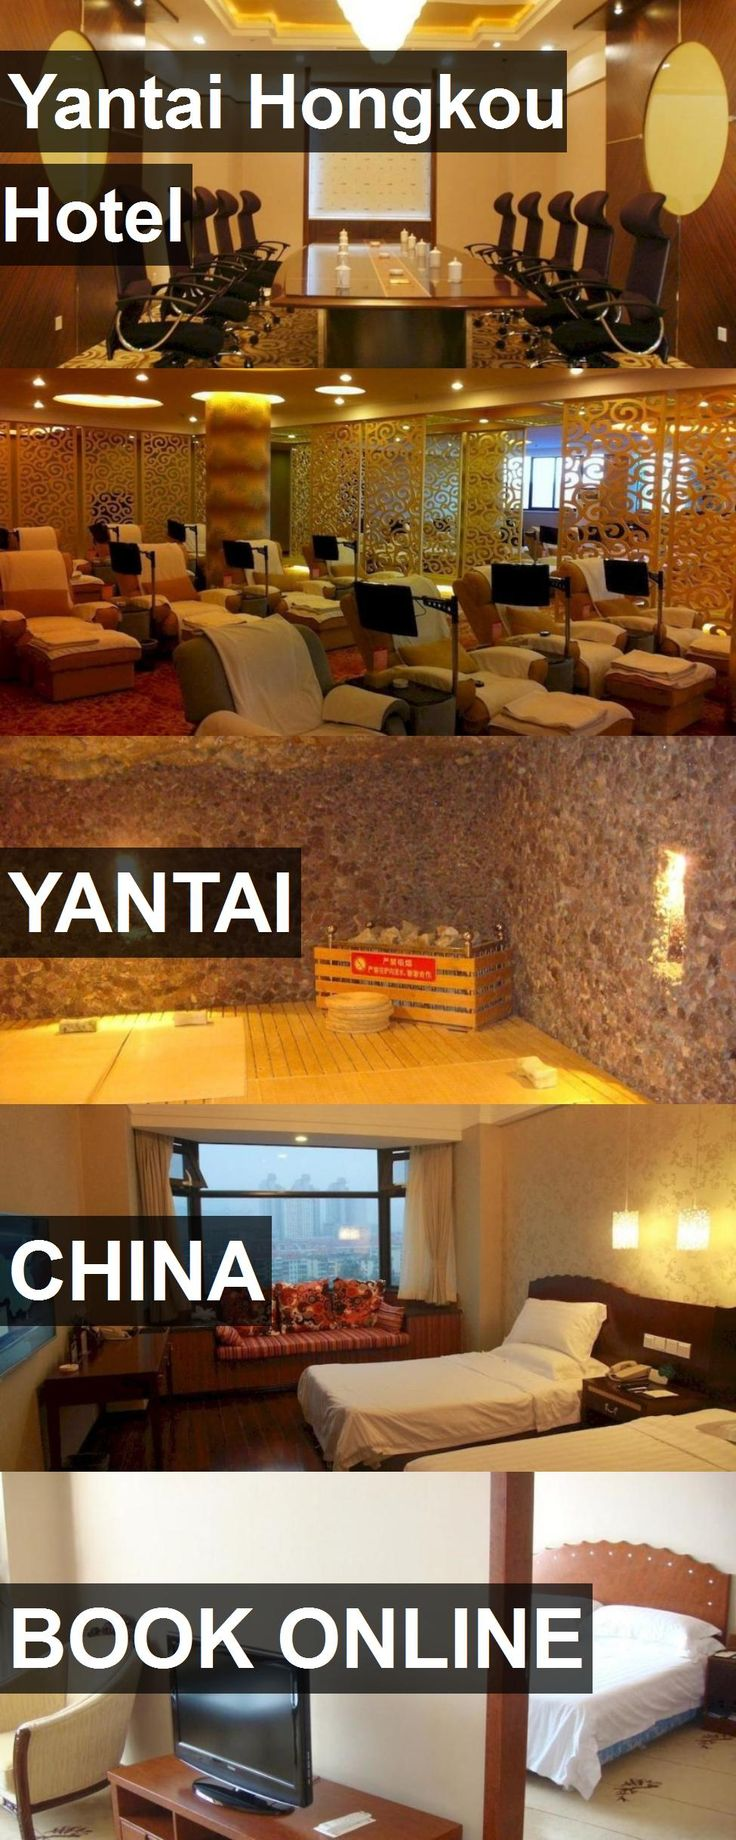 Hotel Yantai Hongkou Hotel in Yantai, China. For more information, photos, reviews and best prices please follow the link. #China #Yantai #YantaiHongkouHotel #hotel #travel #vacation